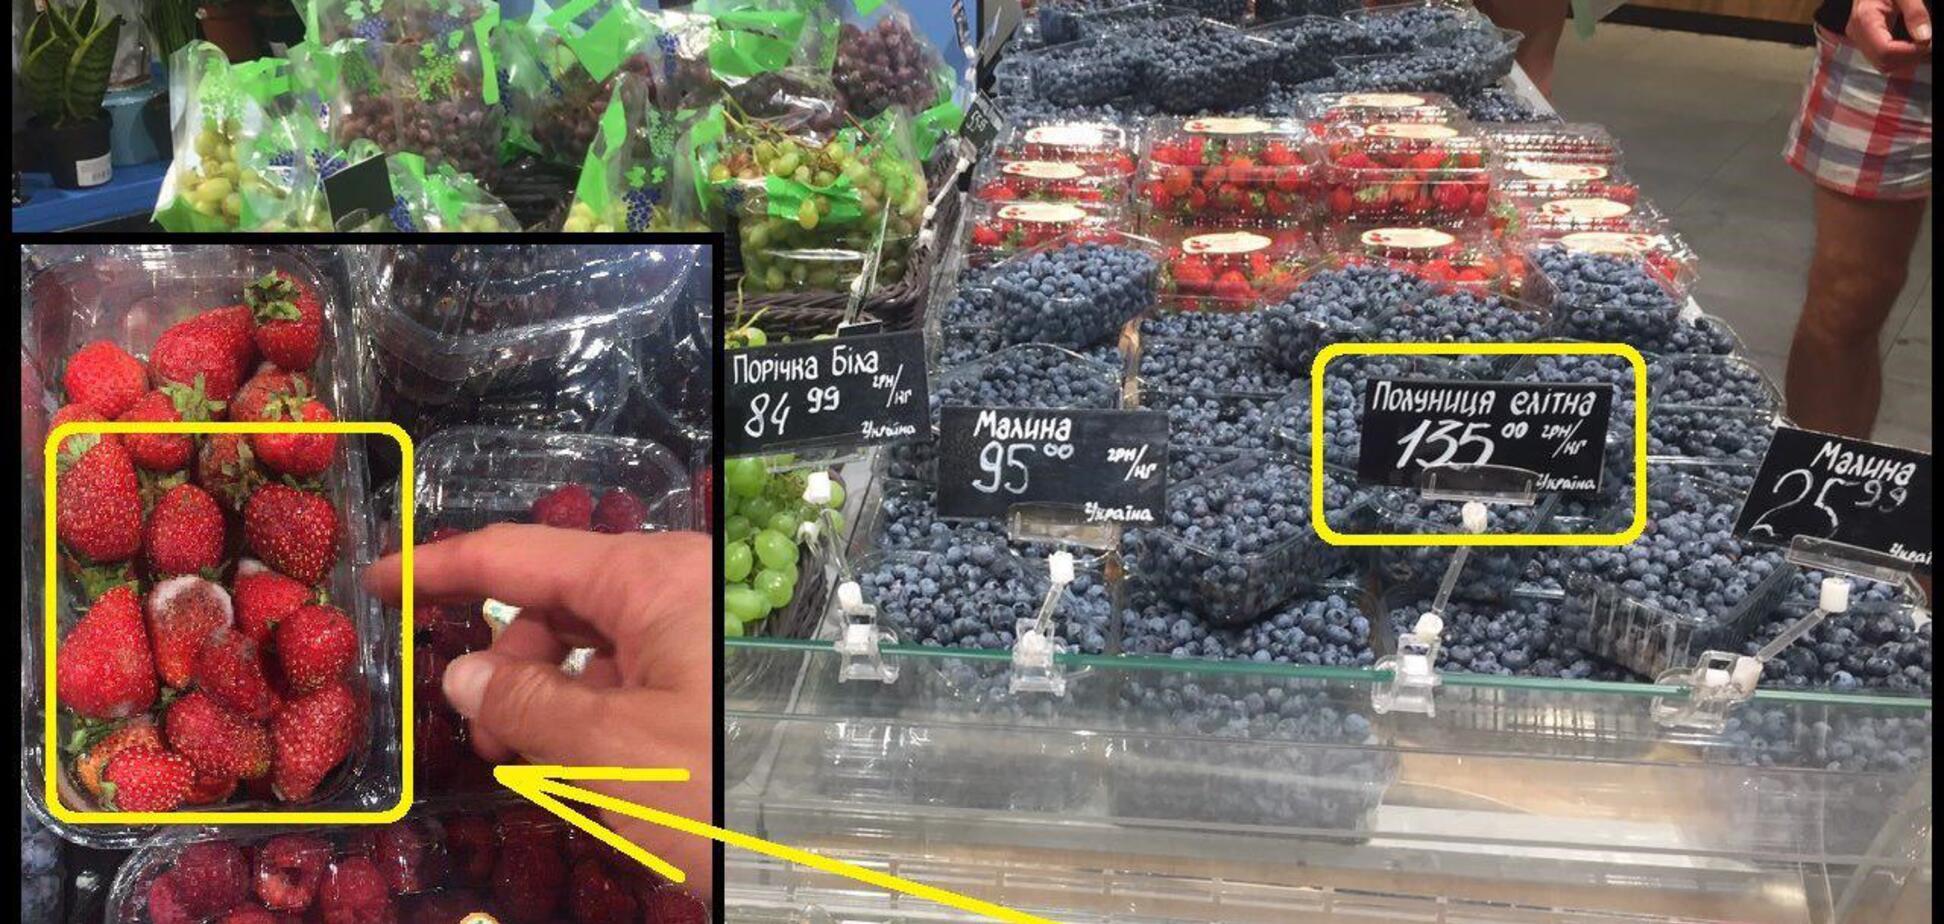 'Быдло сожрет': фото из супермаркета в Киеве разозлило украинцев